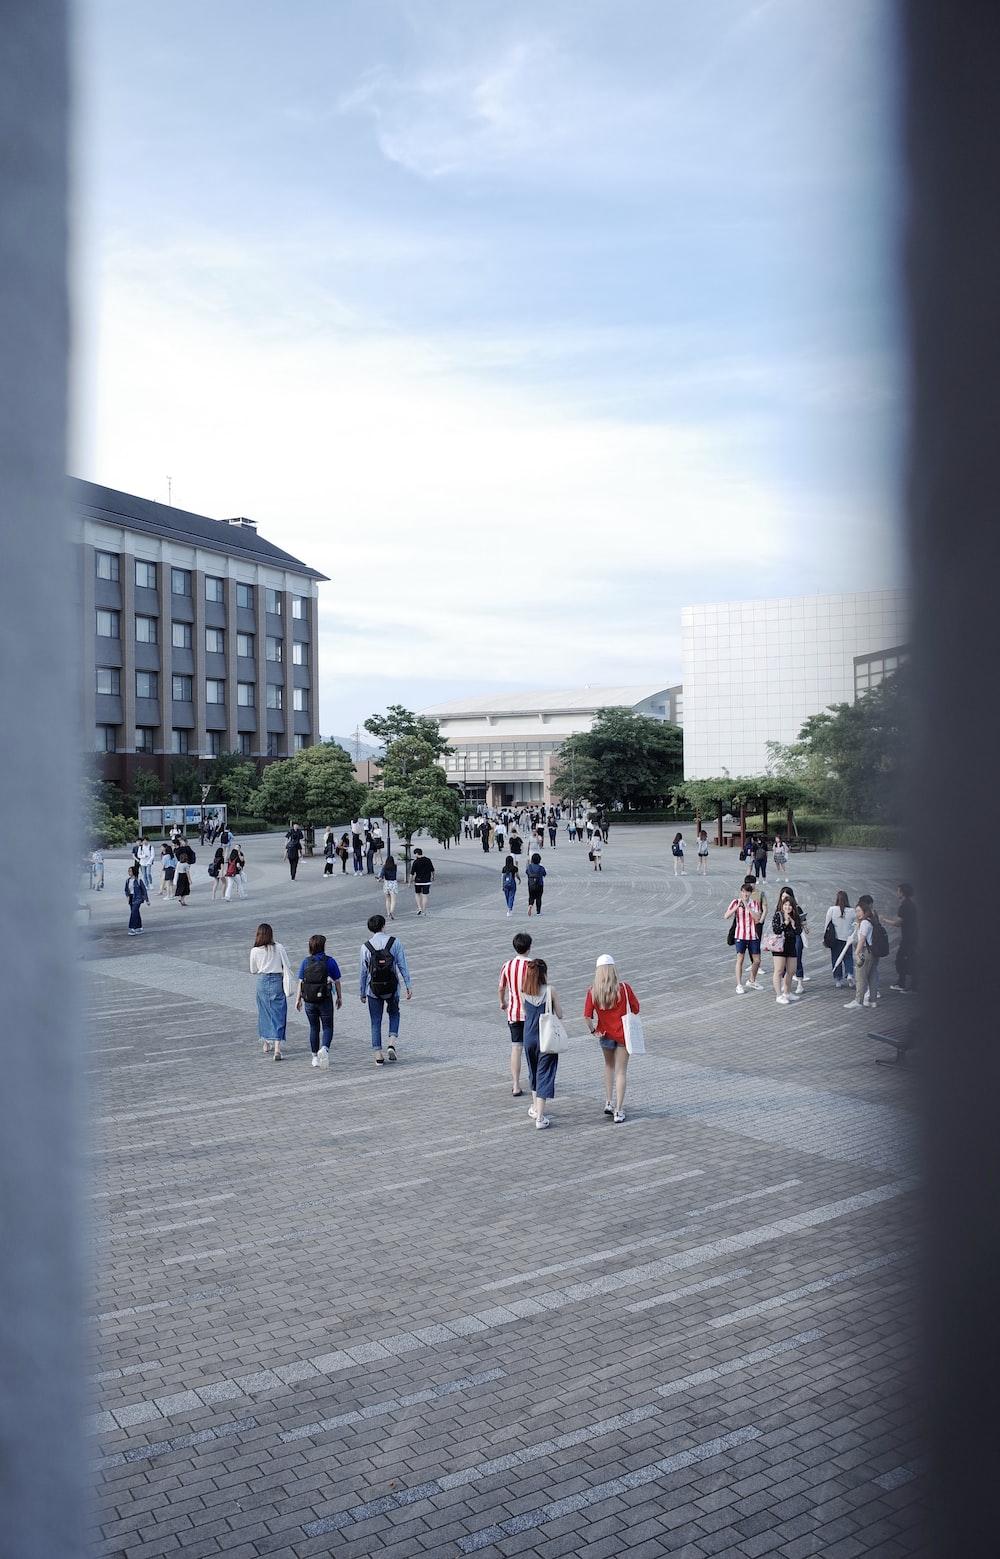 people walking on ground during daytime